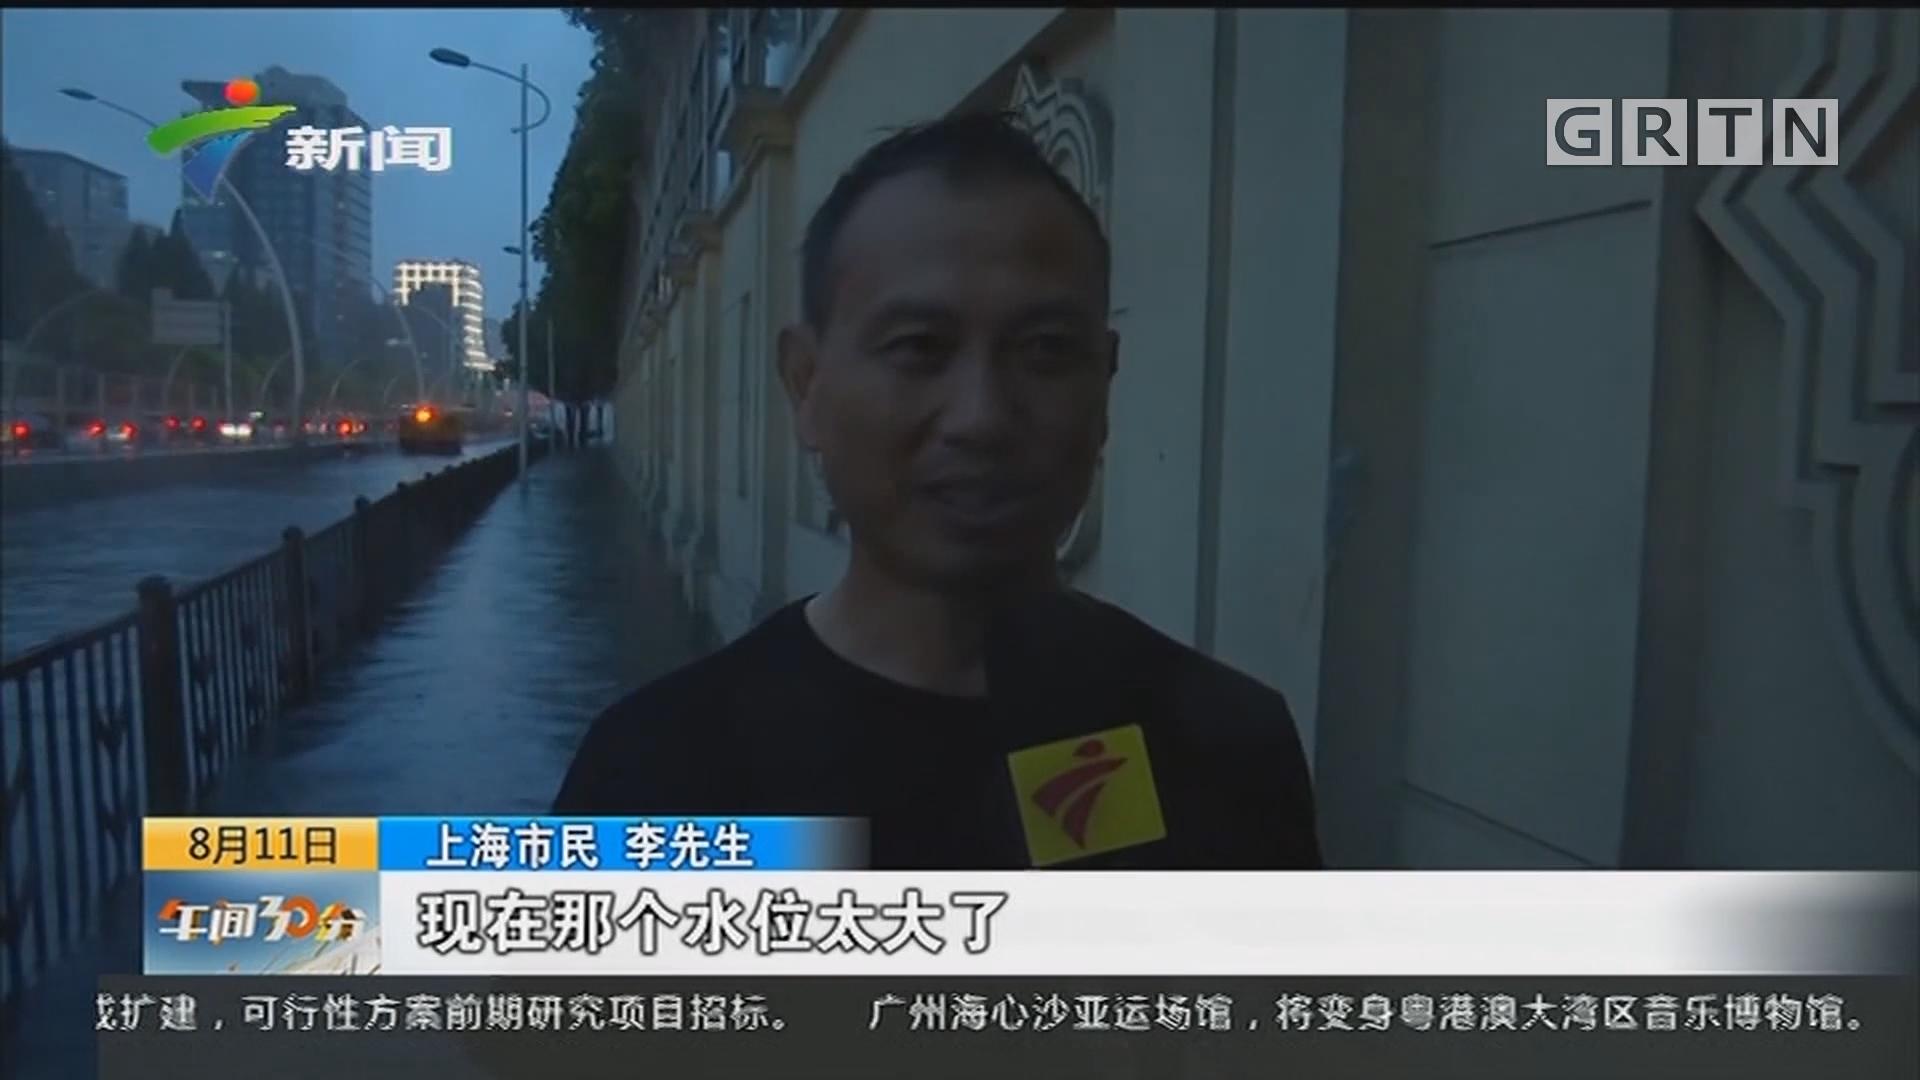 上海:台风导致多路段出现严重水浸